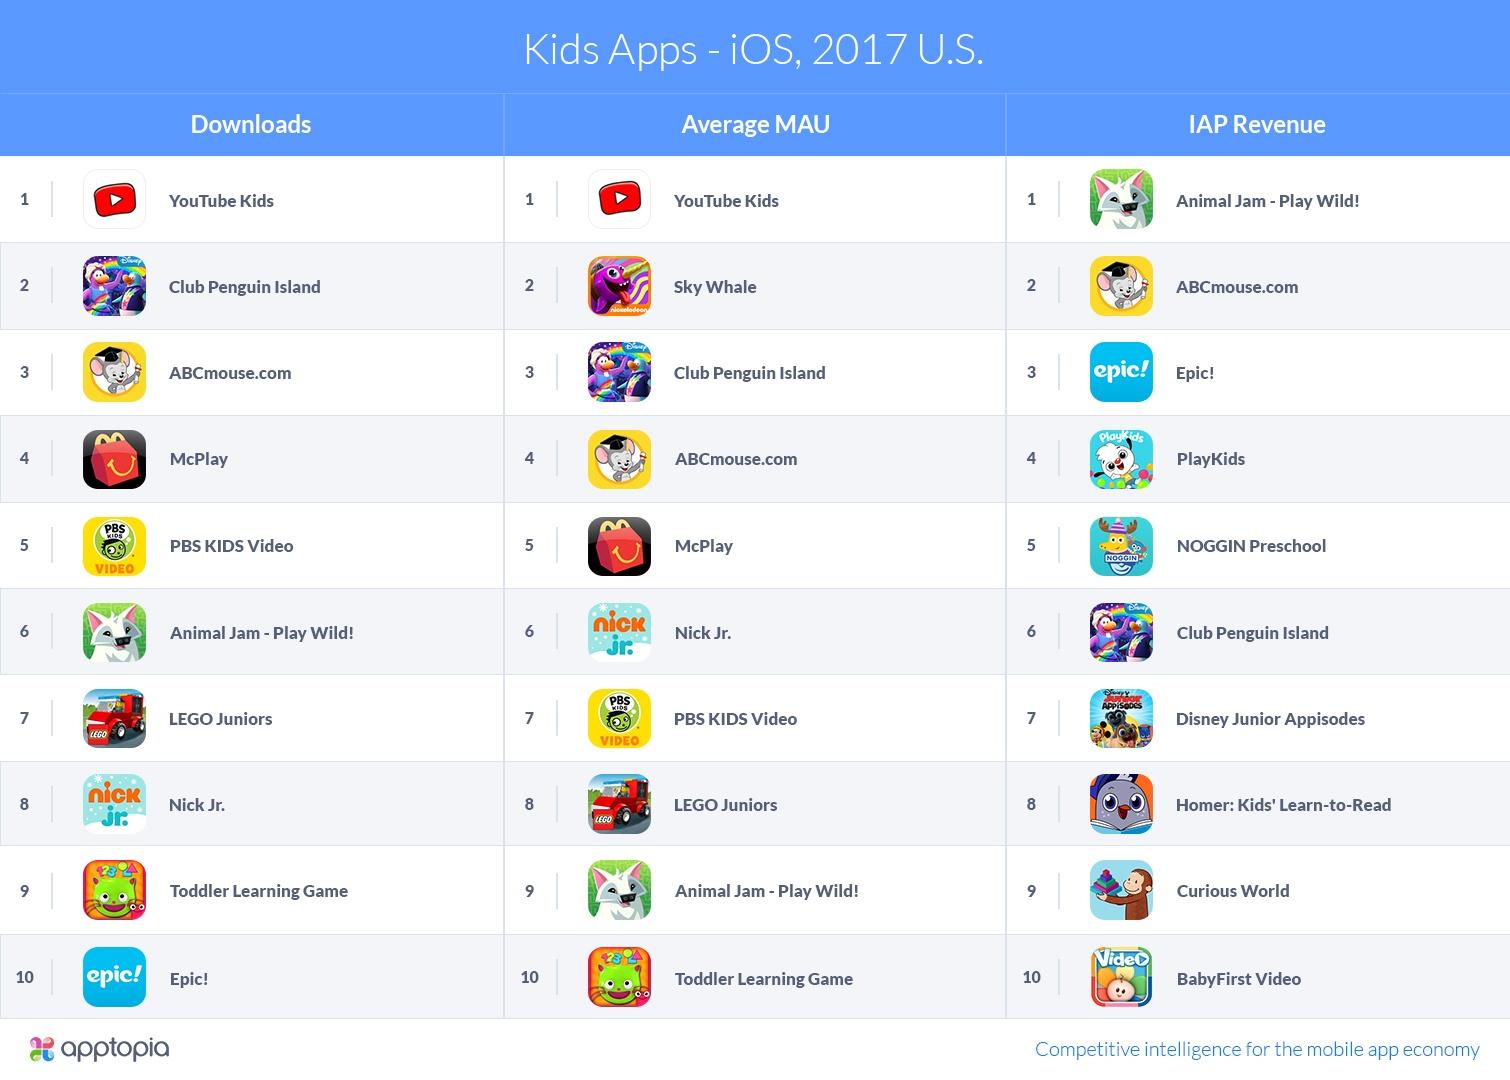 Apptopia-KidsApps-iOS2017US-v1 (1).jpg